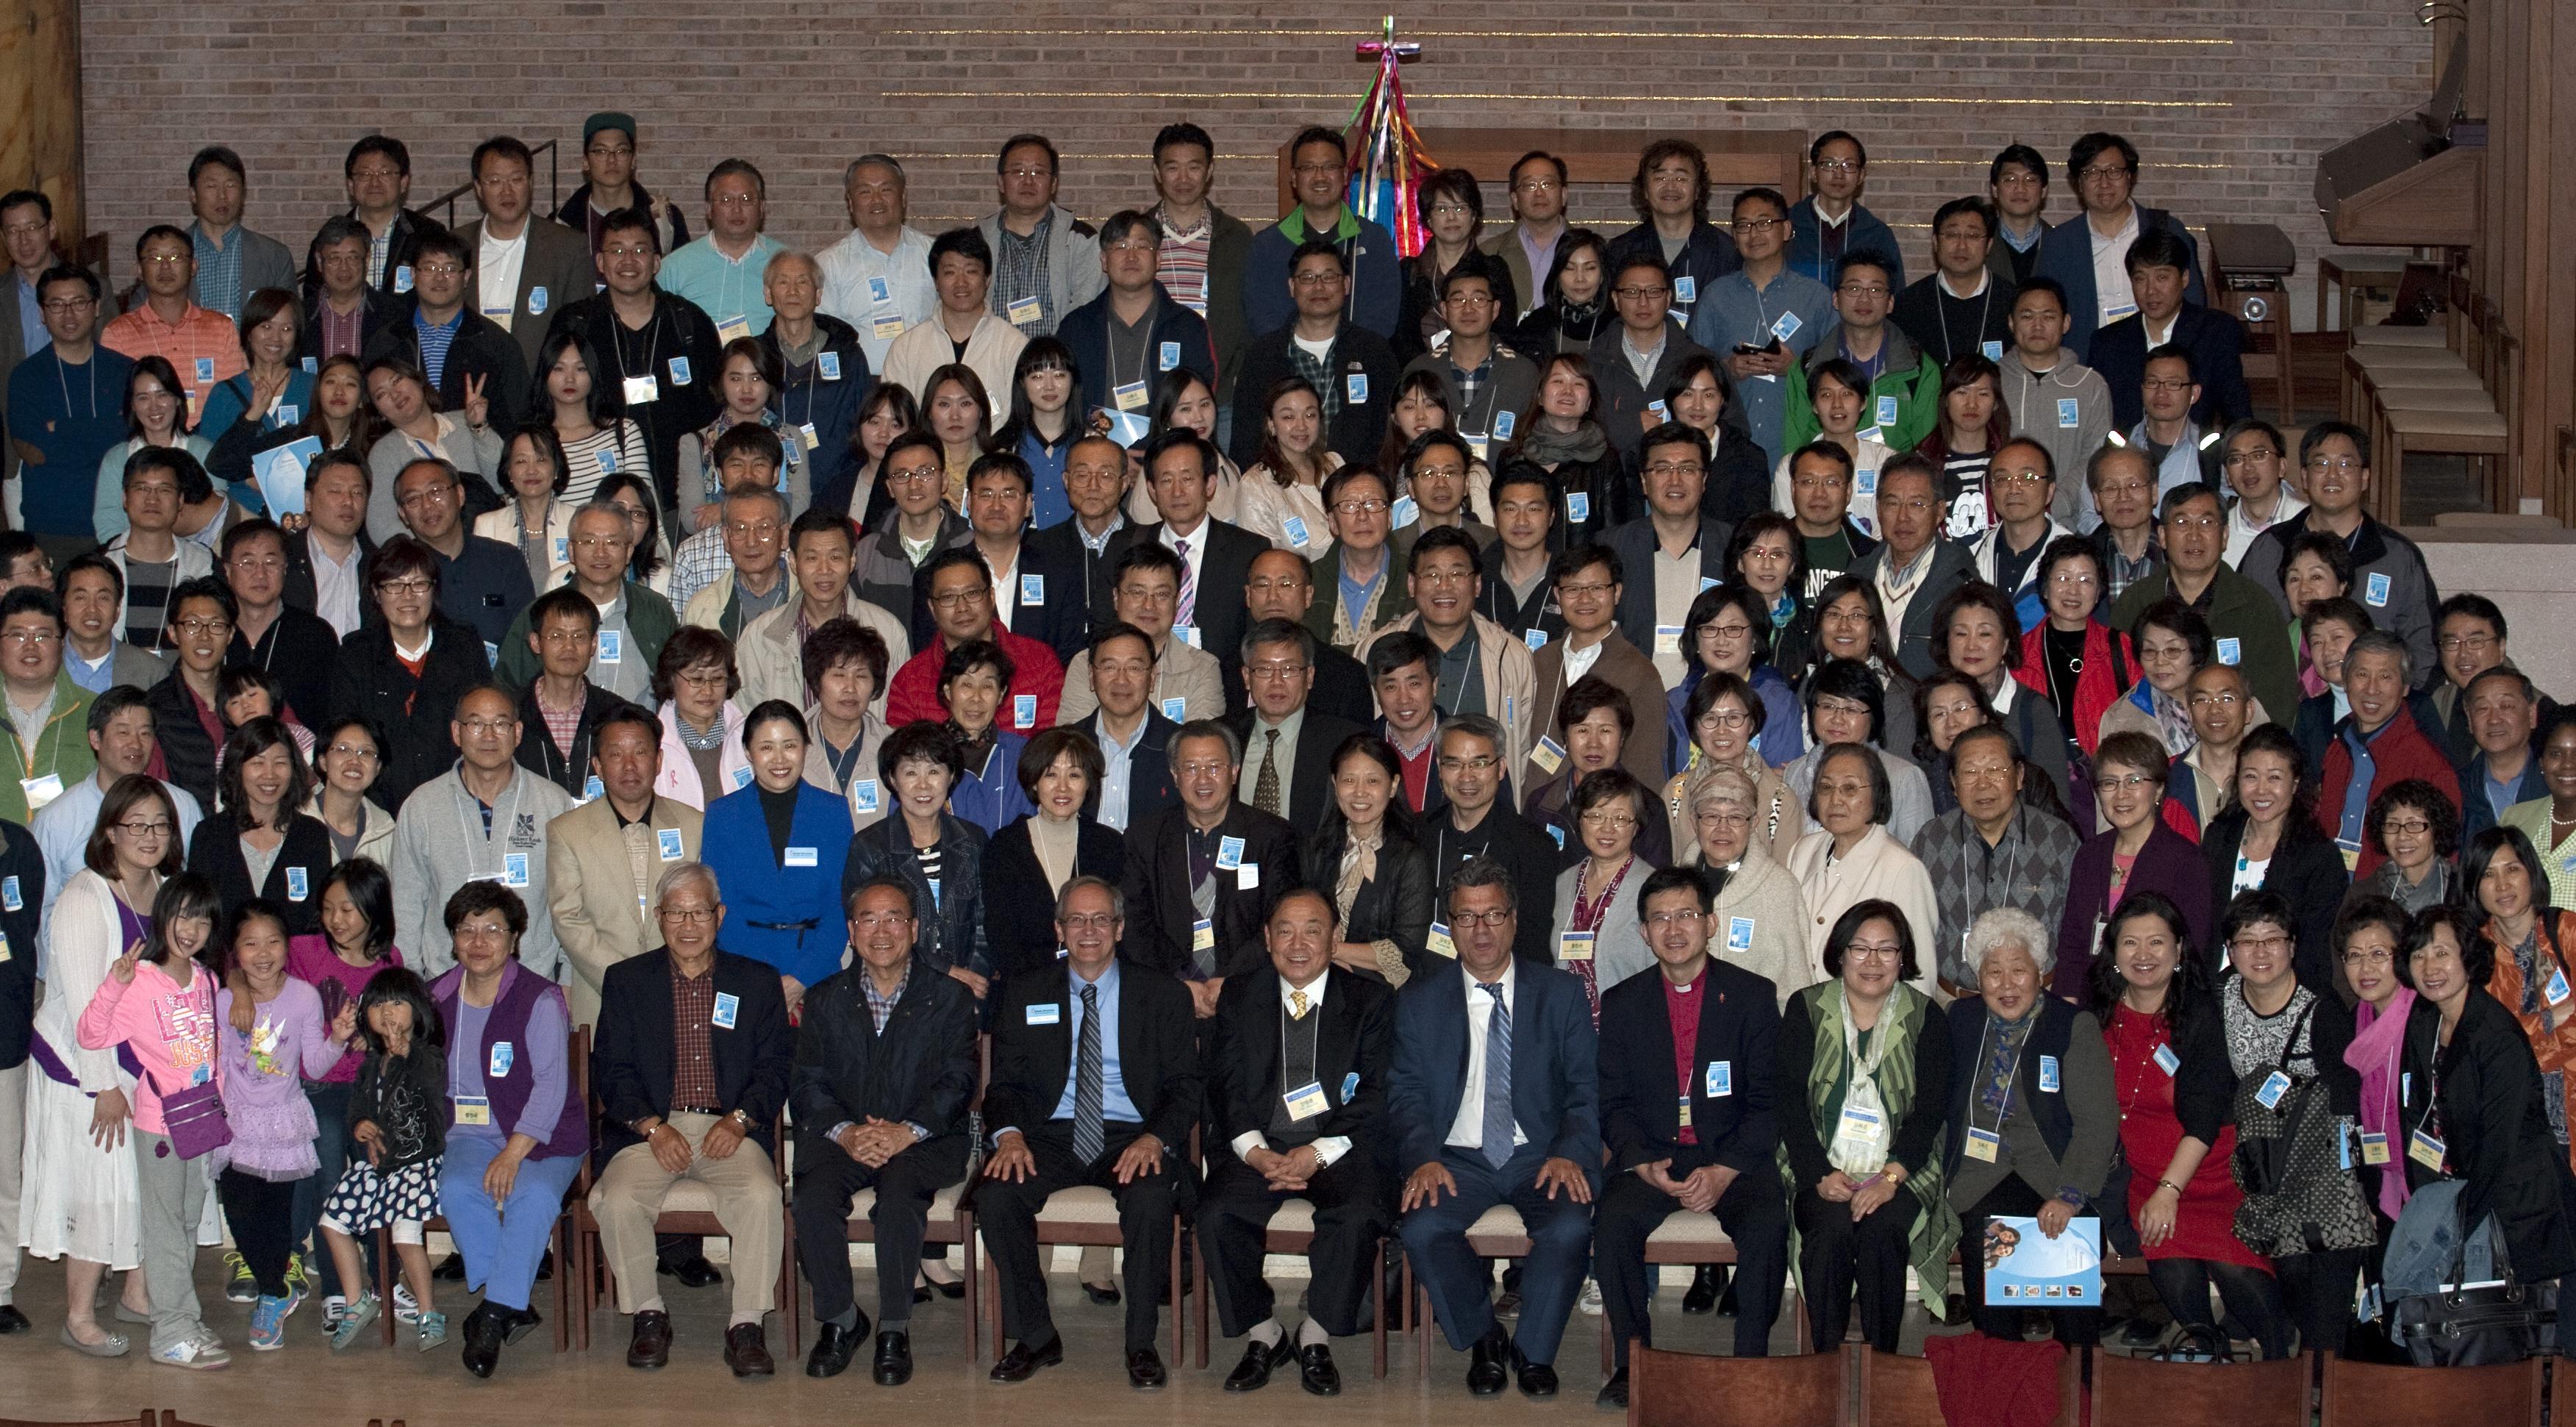 한인총회 총회세계선교부 방문 단체사진